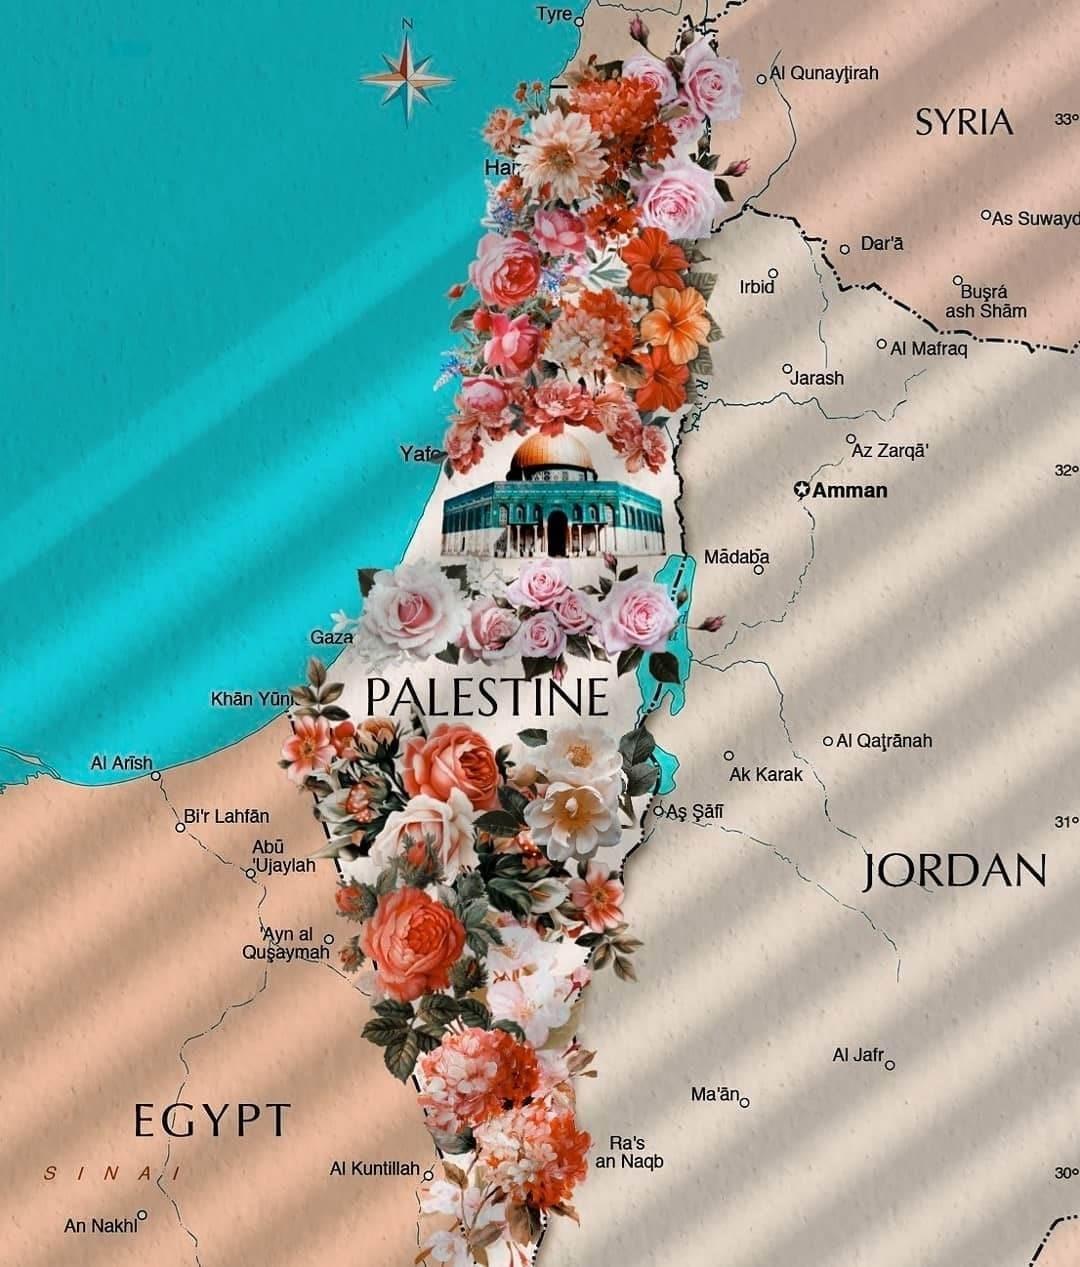 تداول المغردون صورة خريطة فلسطين مع الهاشتاغ الذي أطلقه كنعاني